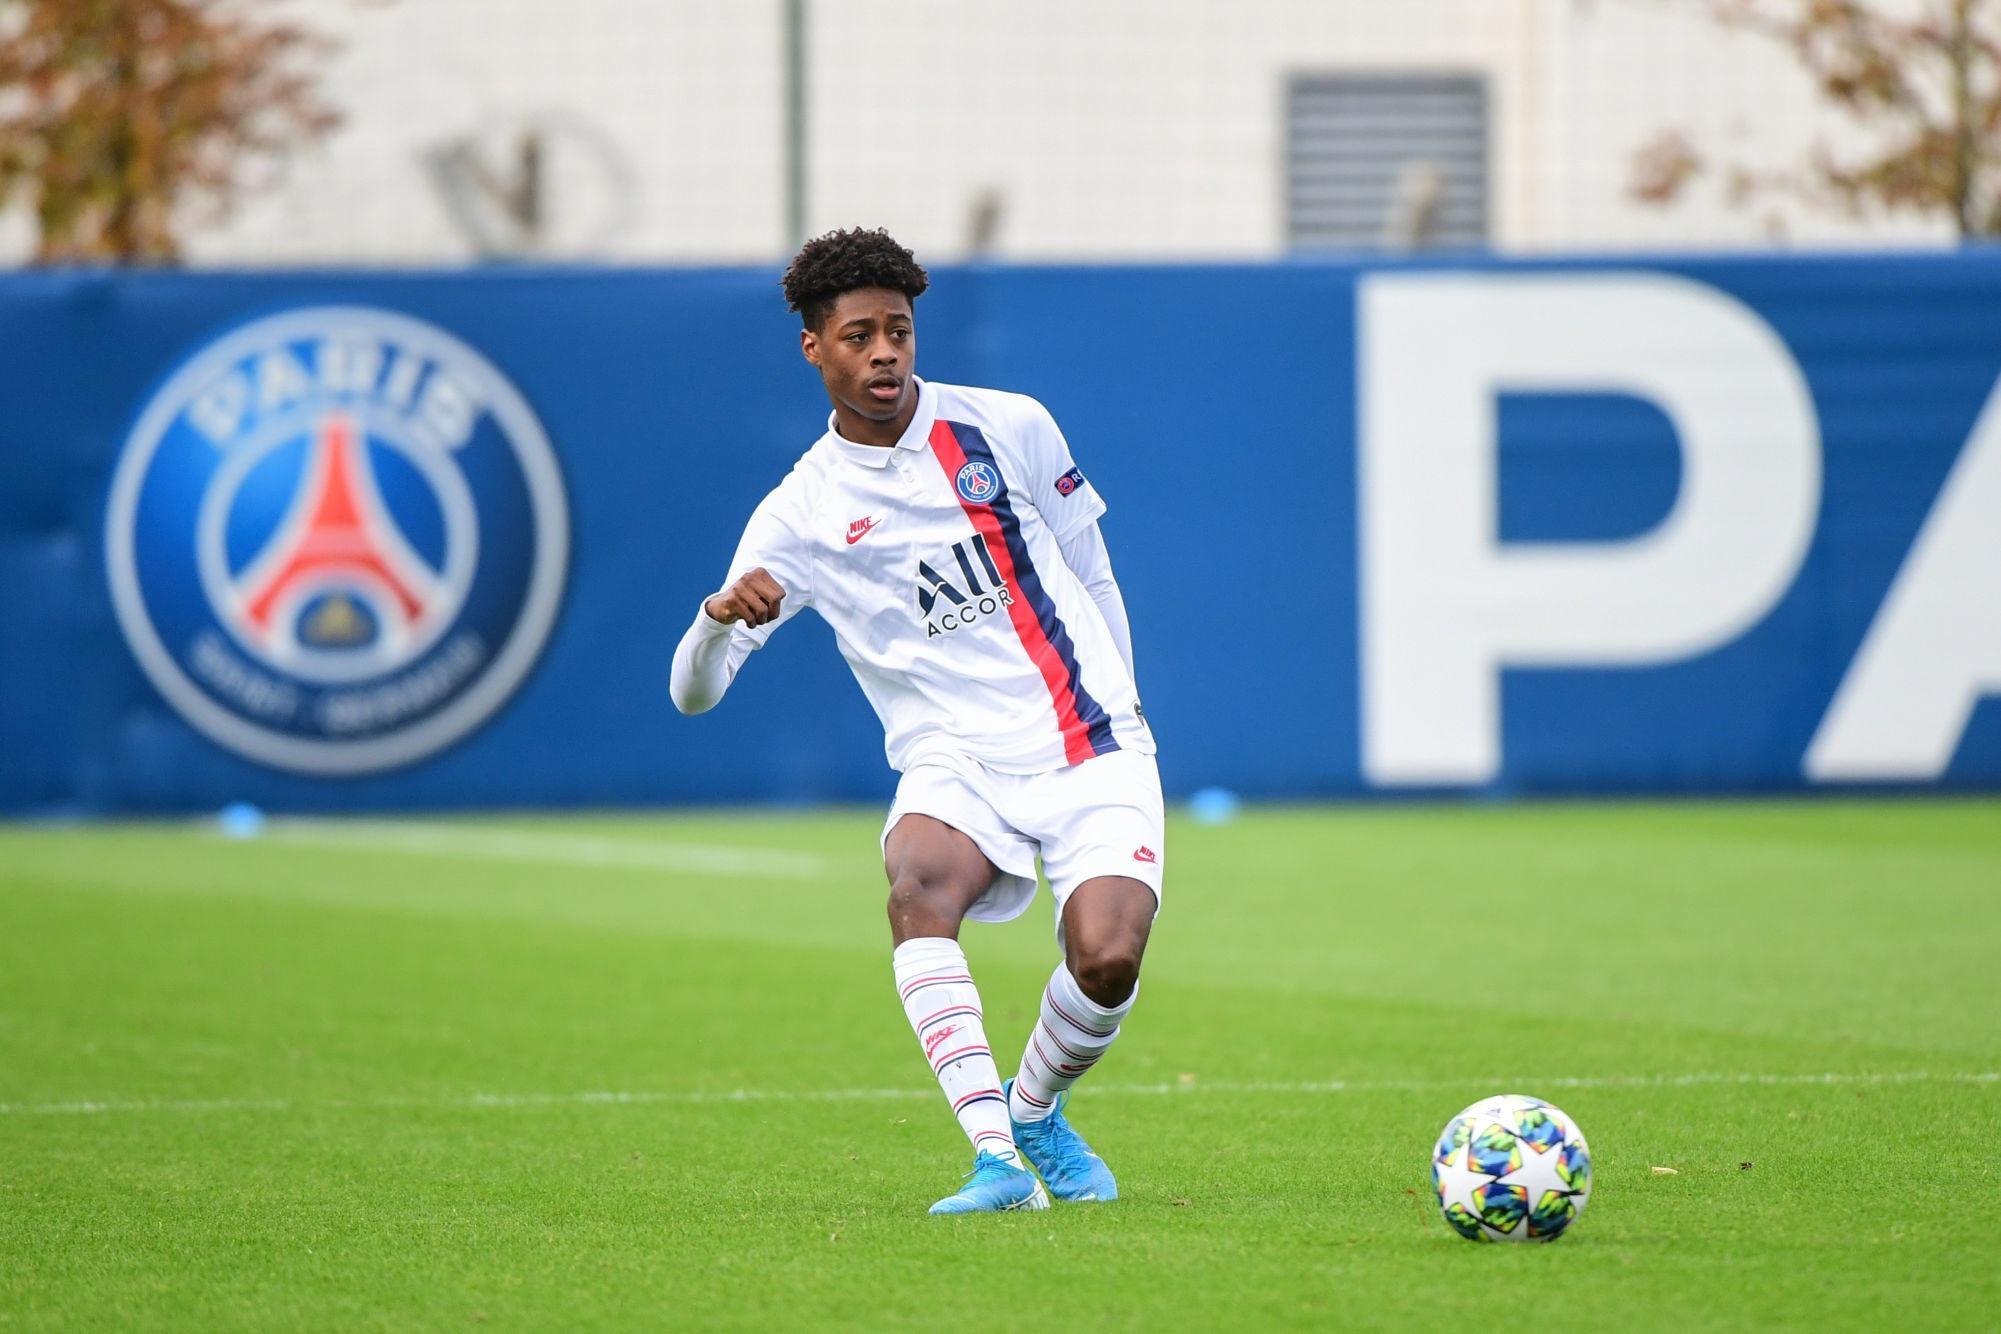 Officiel - Baldé et Ahamada M'Ze signent leur premier contrat professionnel au PSG